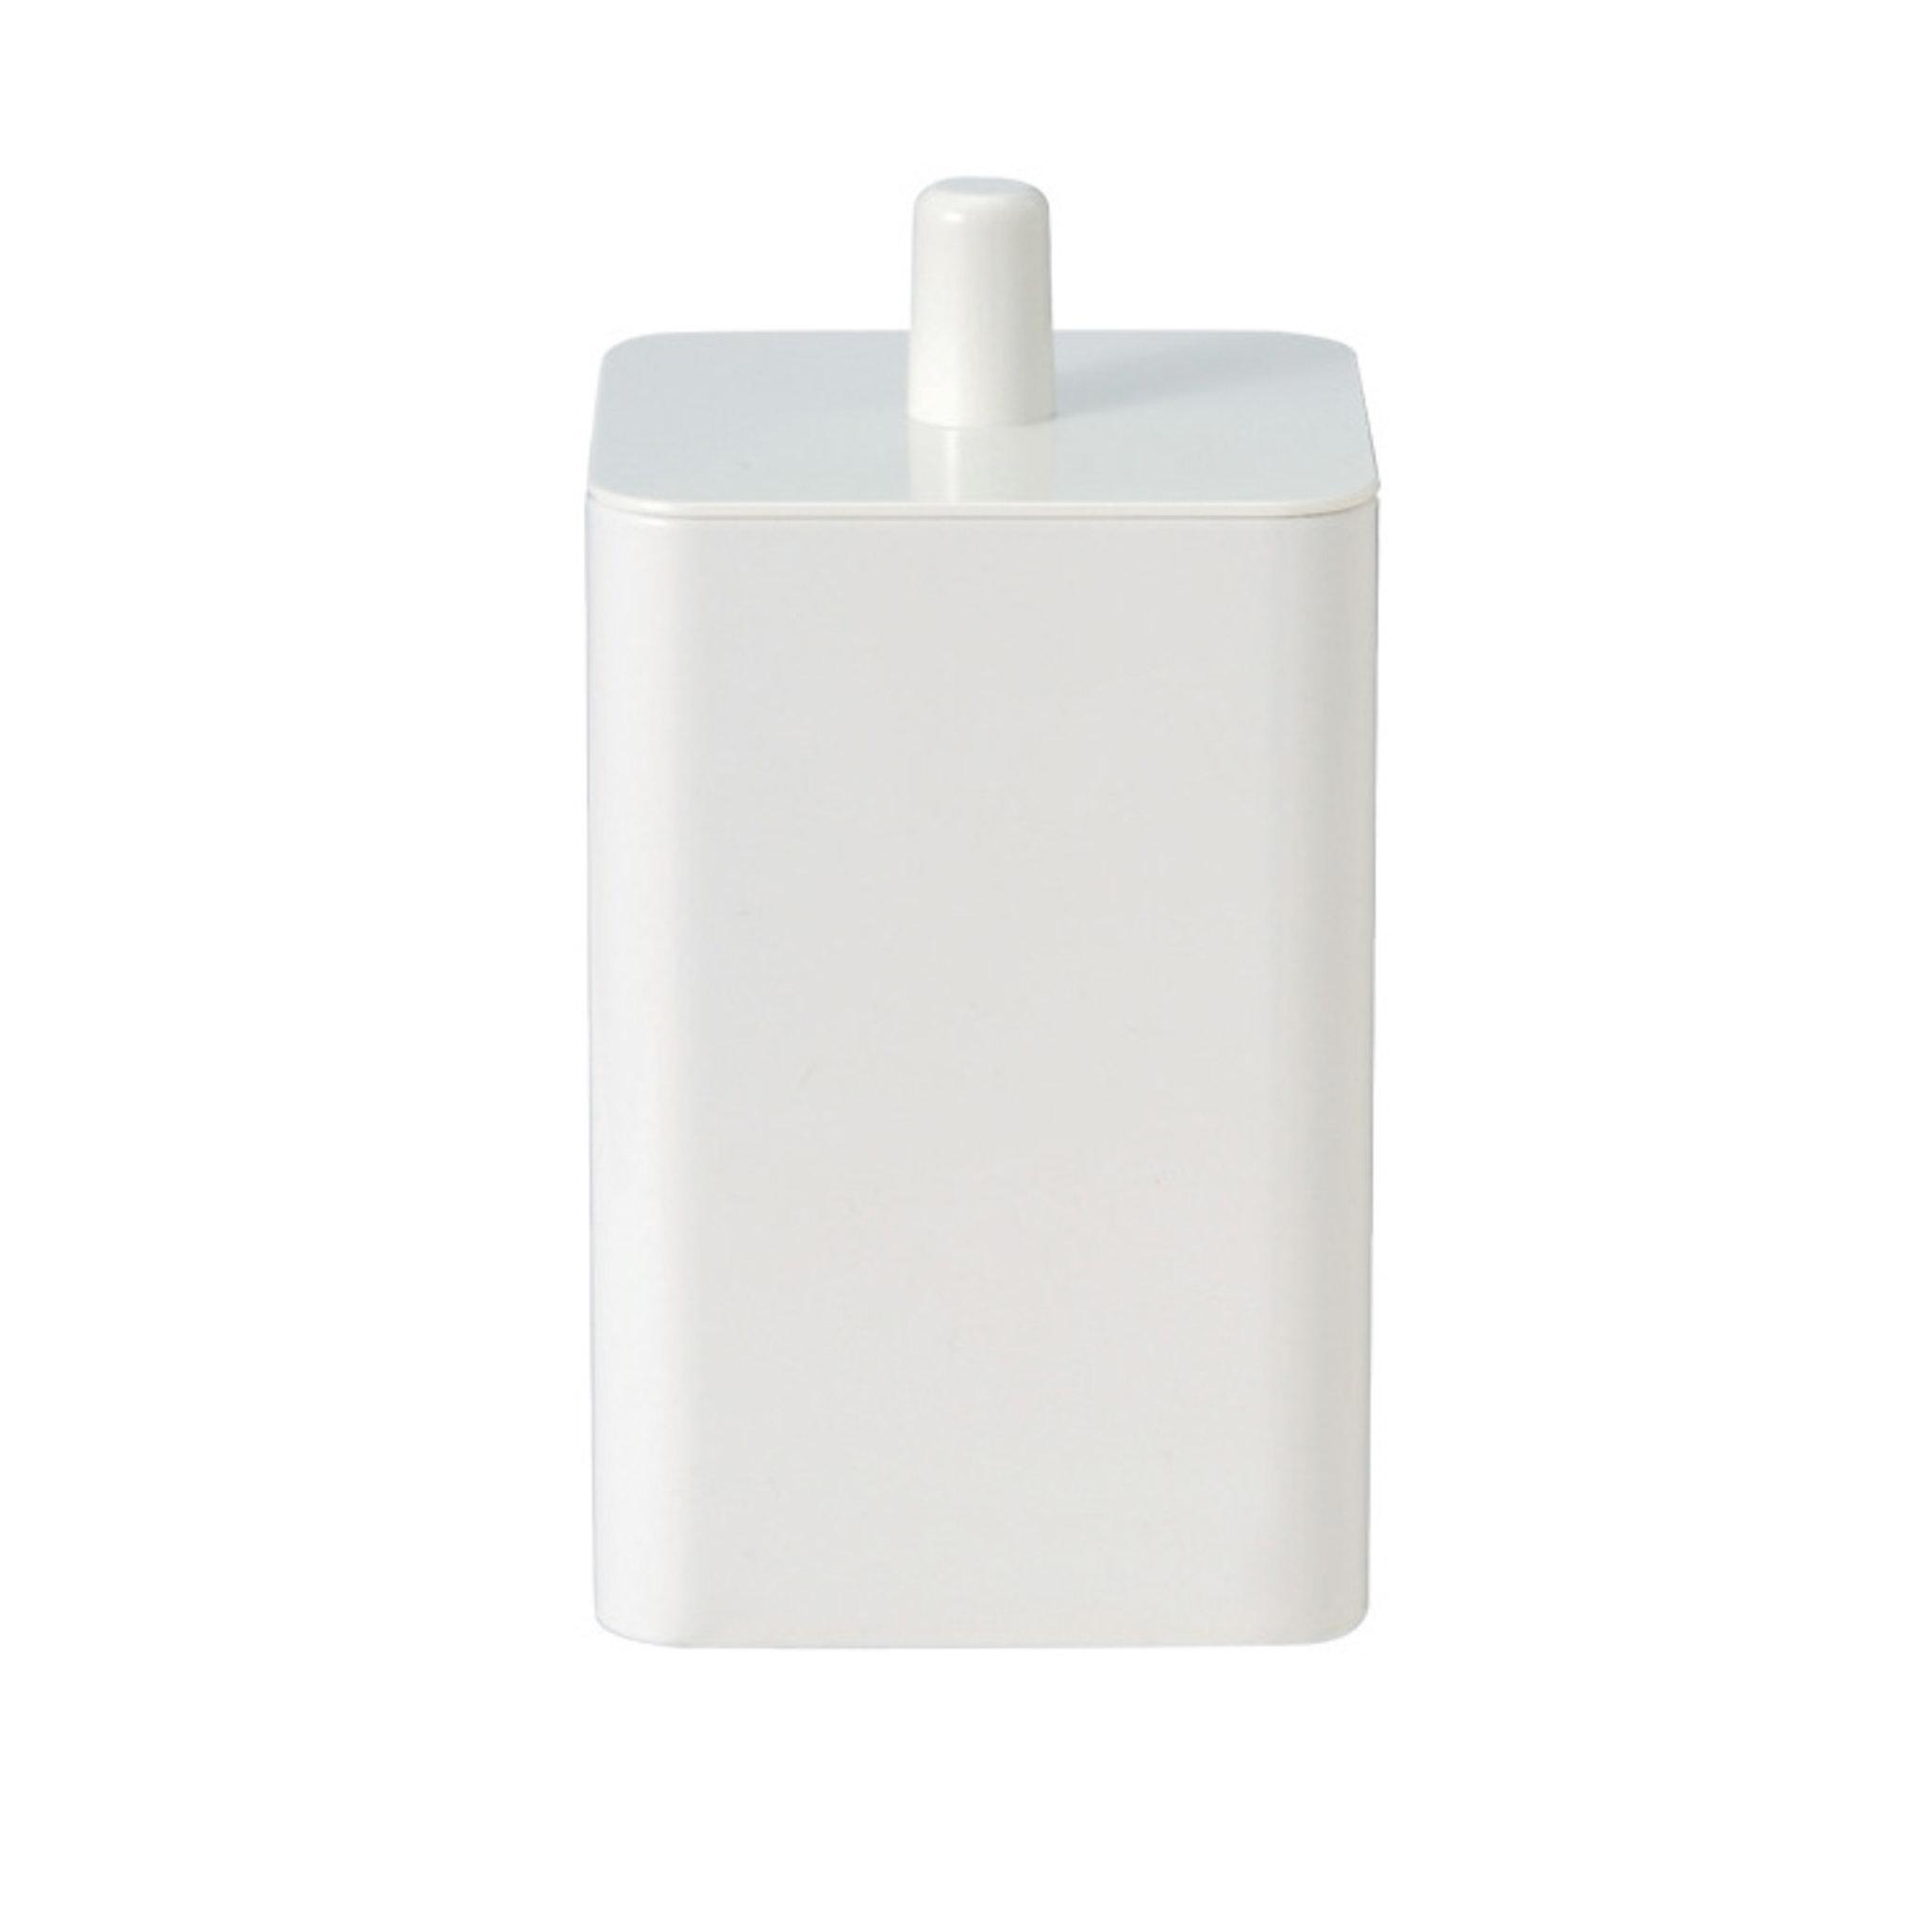 Mini white bin   badrumsaccessoarer  köp online på åhlens.se!